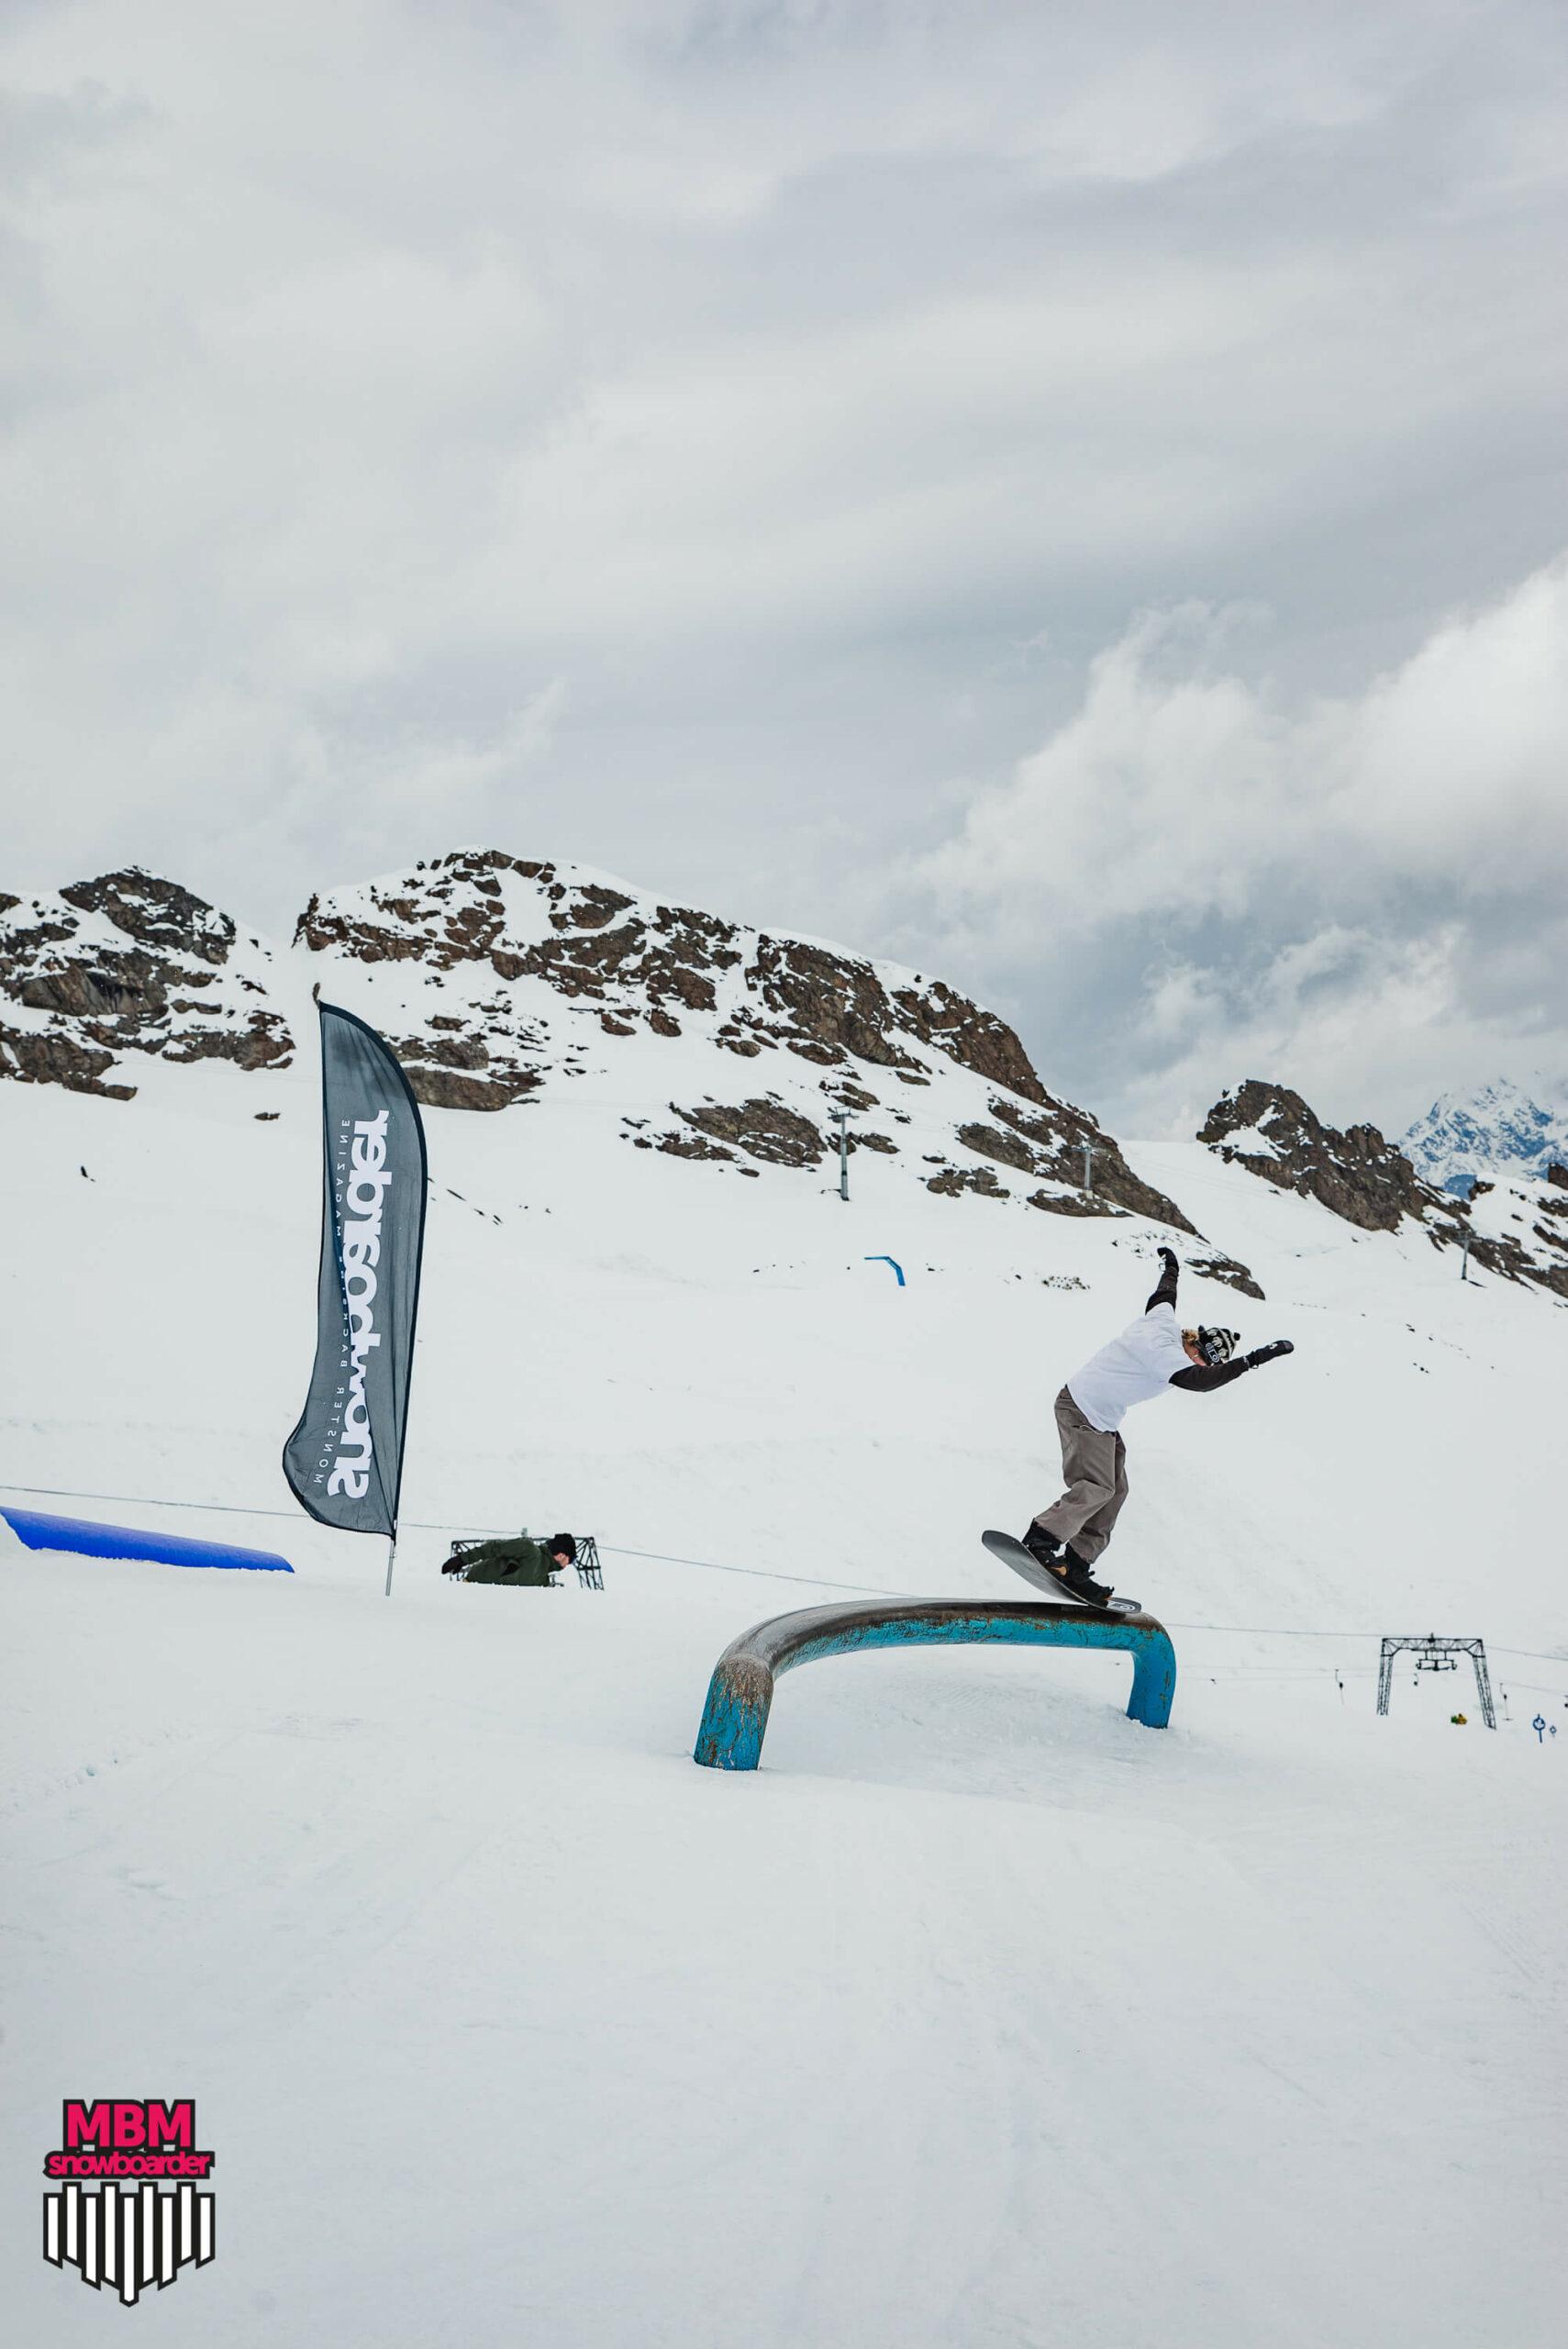 snowboarderMBM_sd_kaunertal_020